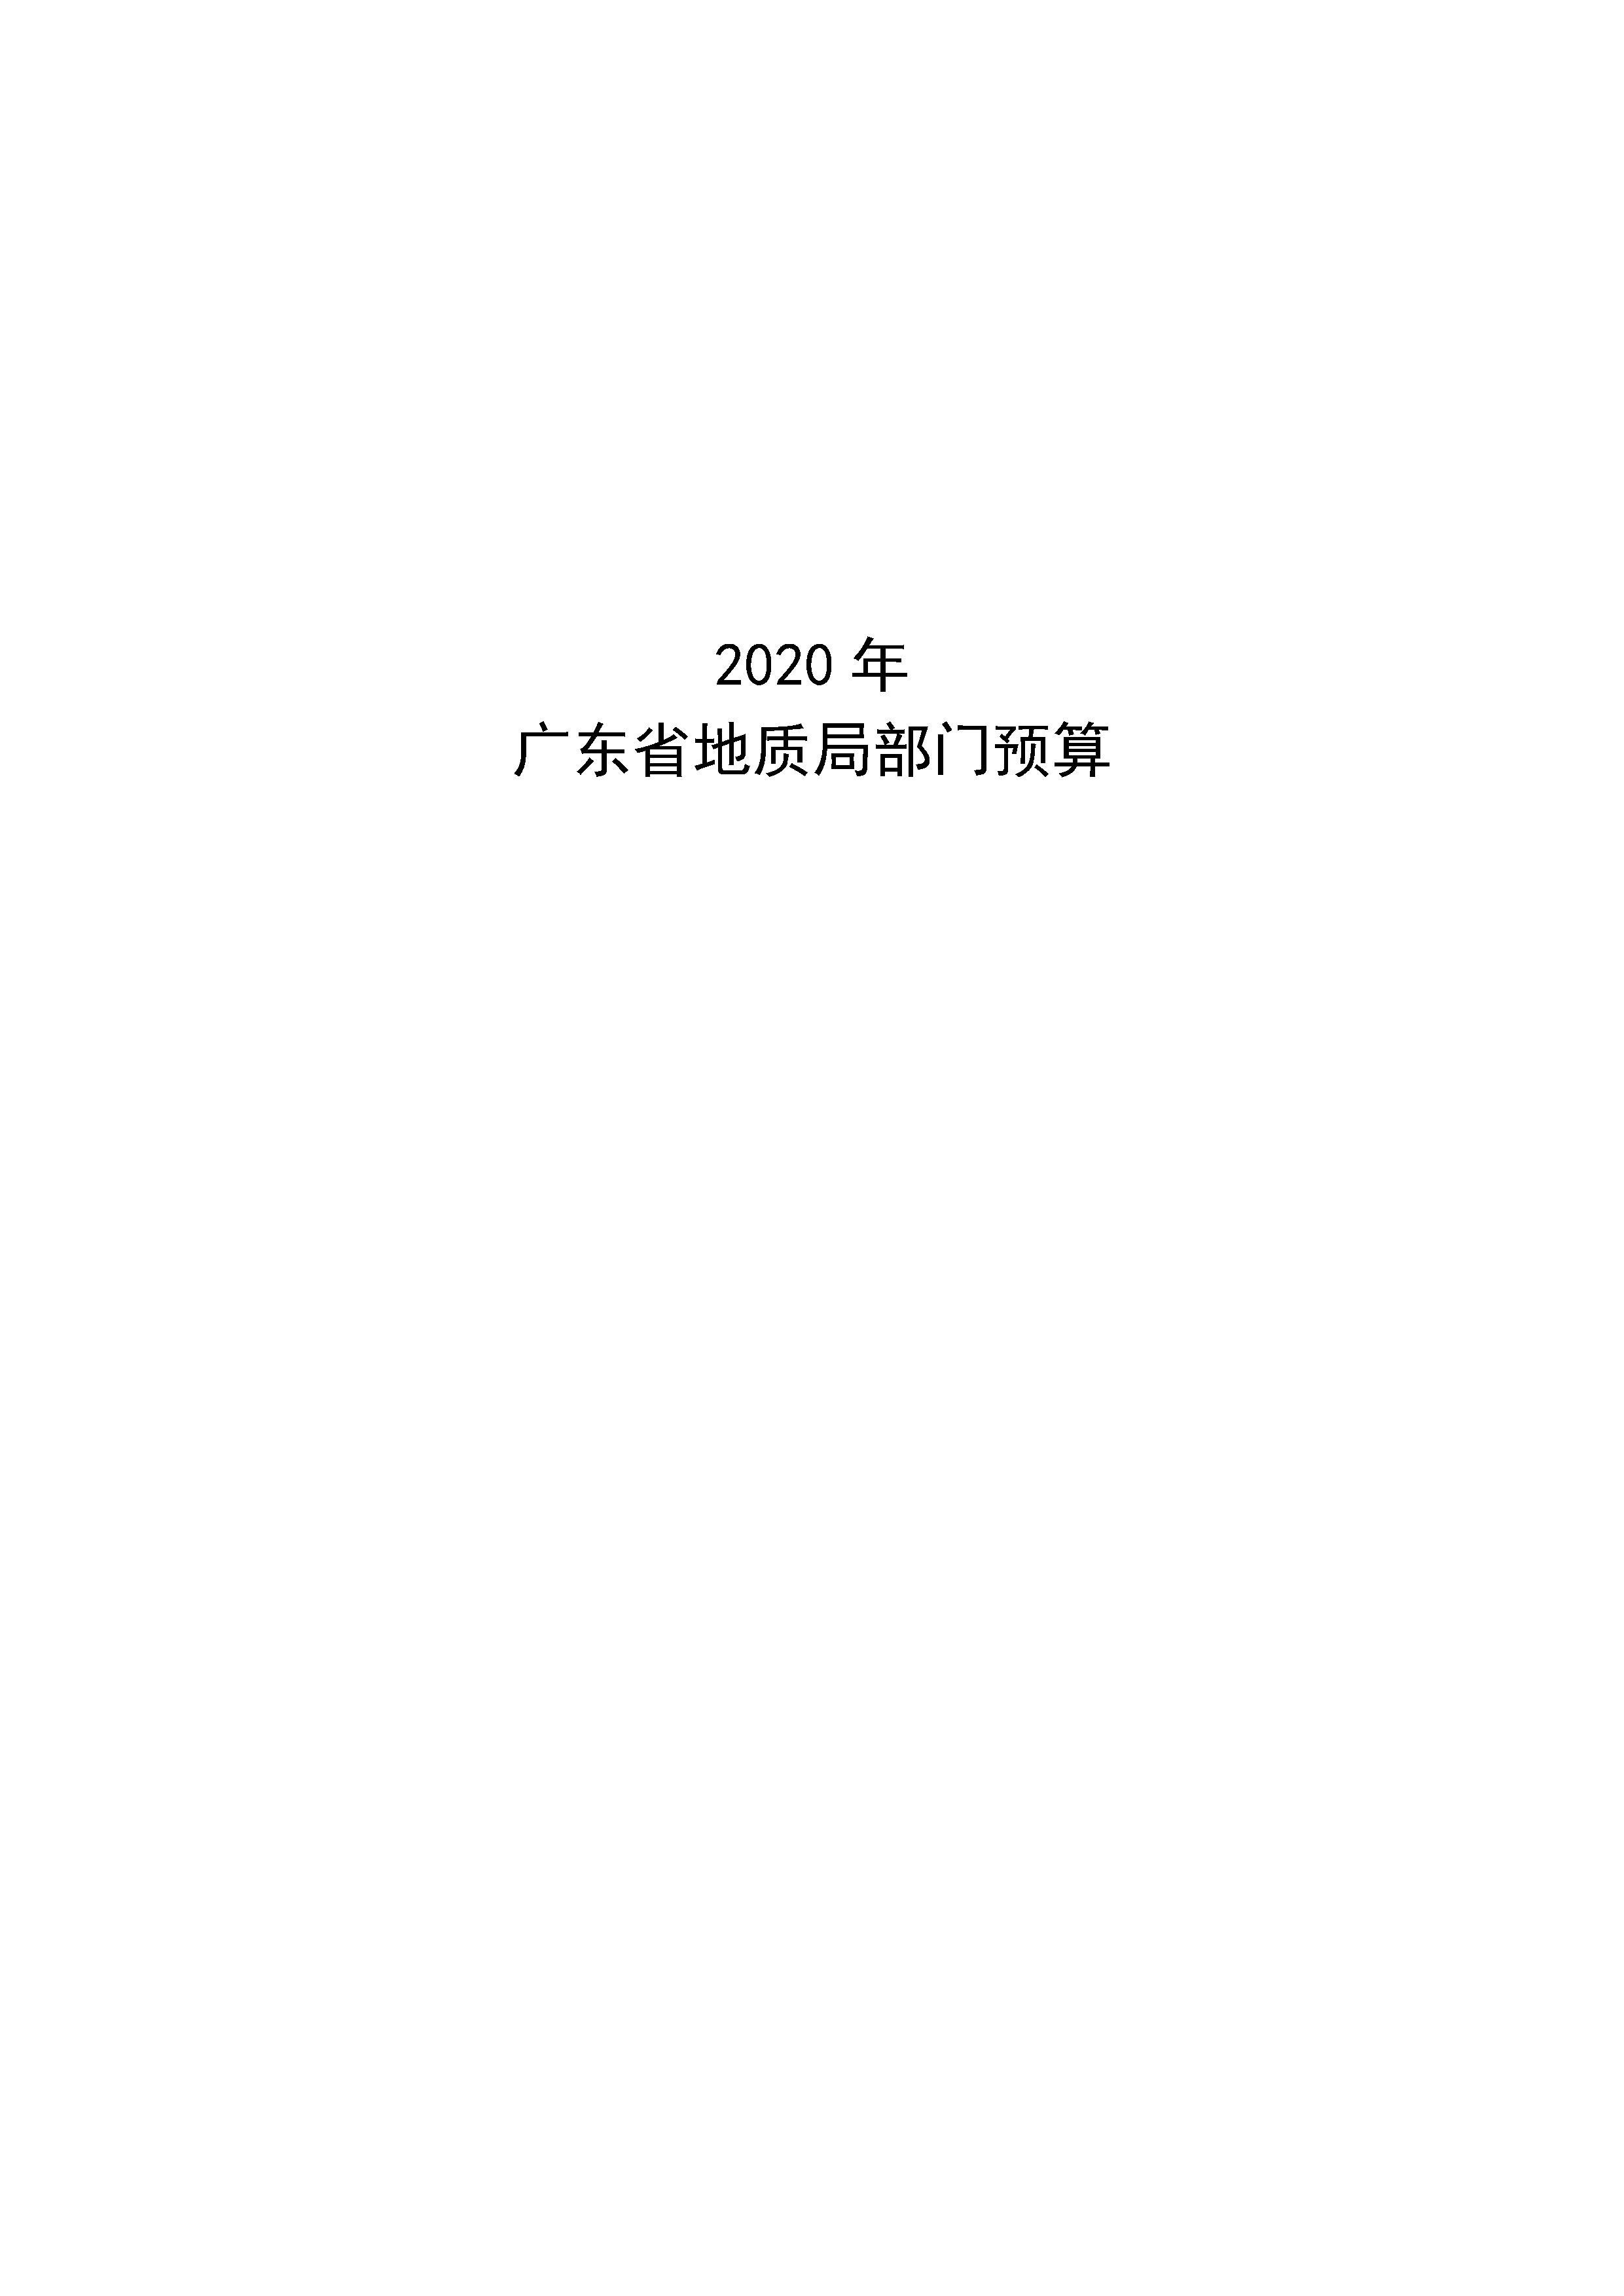 1 - 0001.jpg